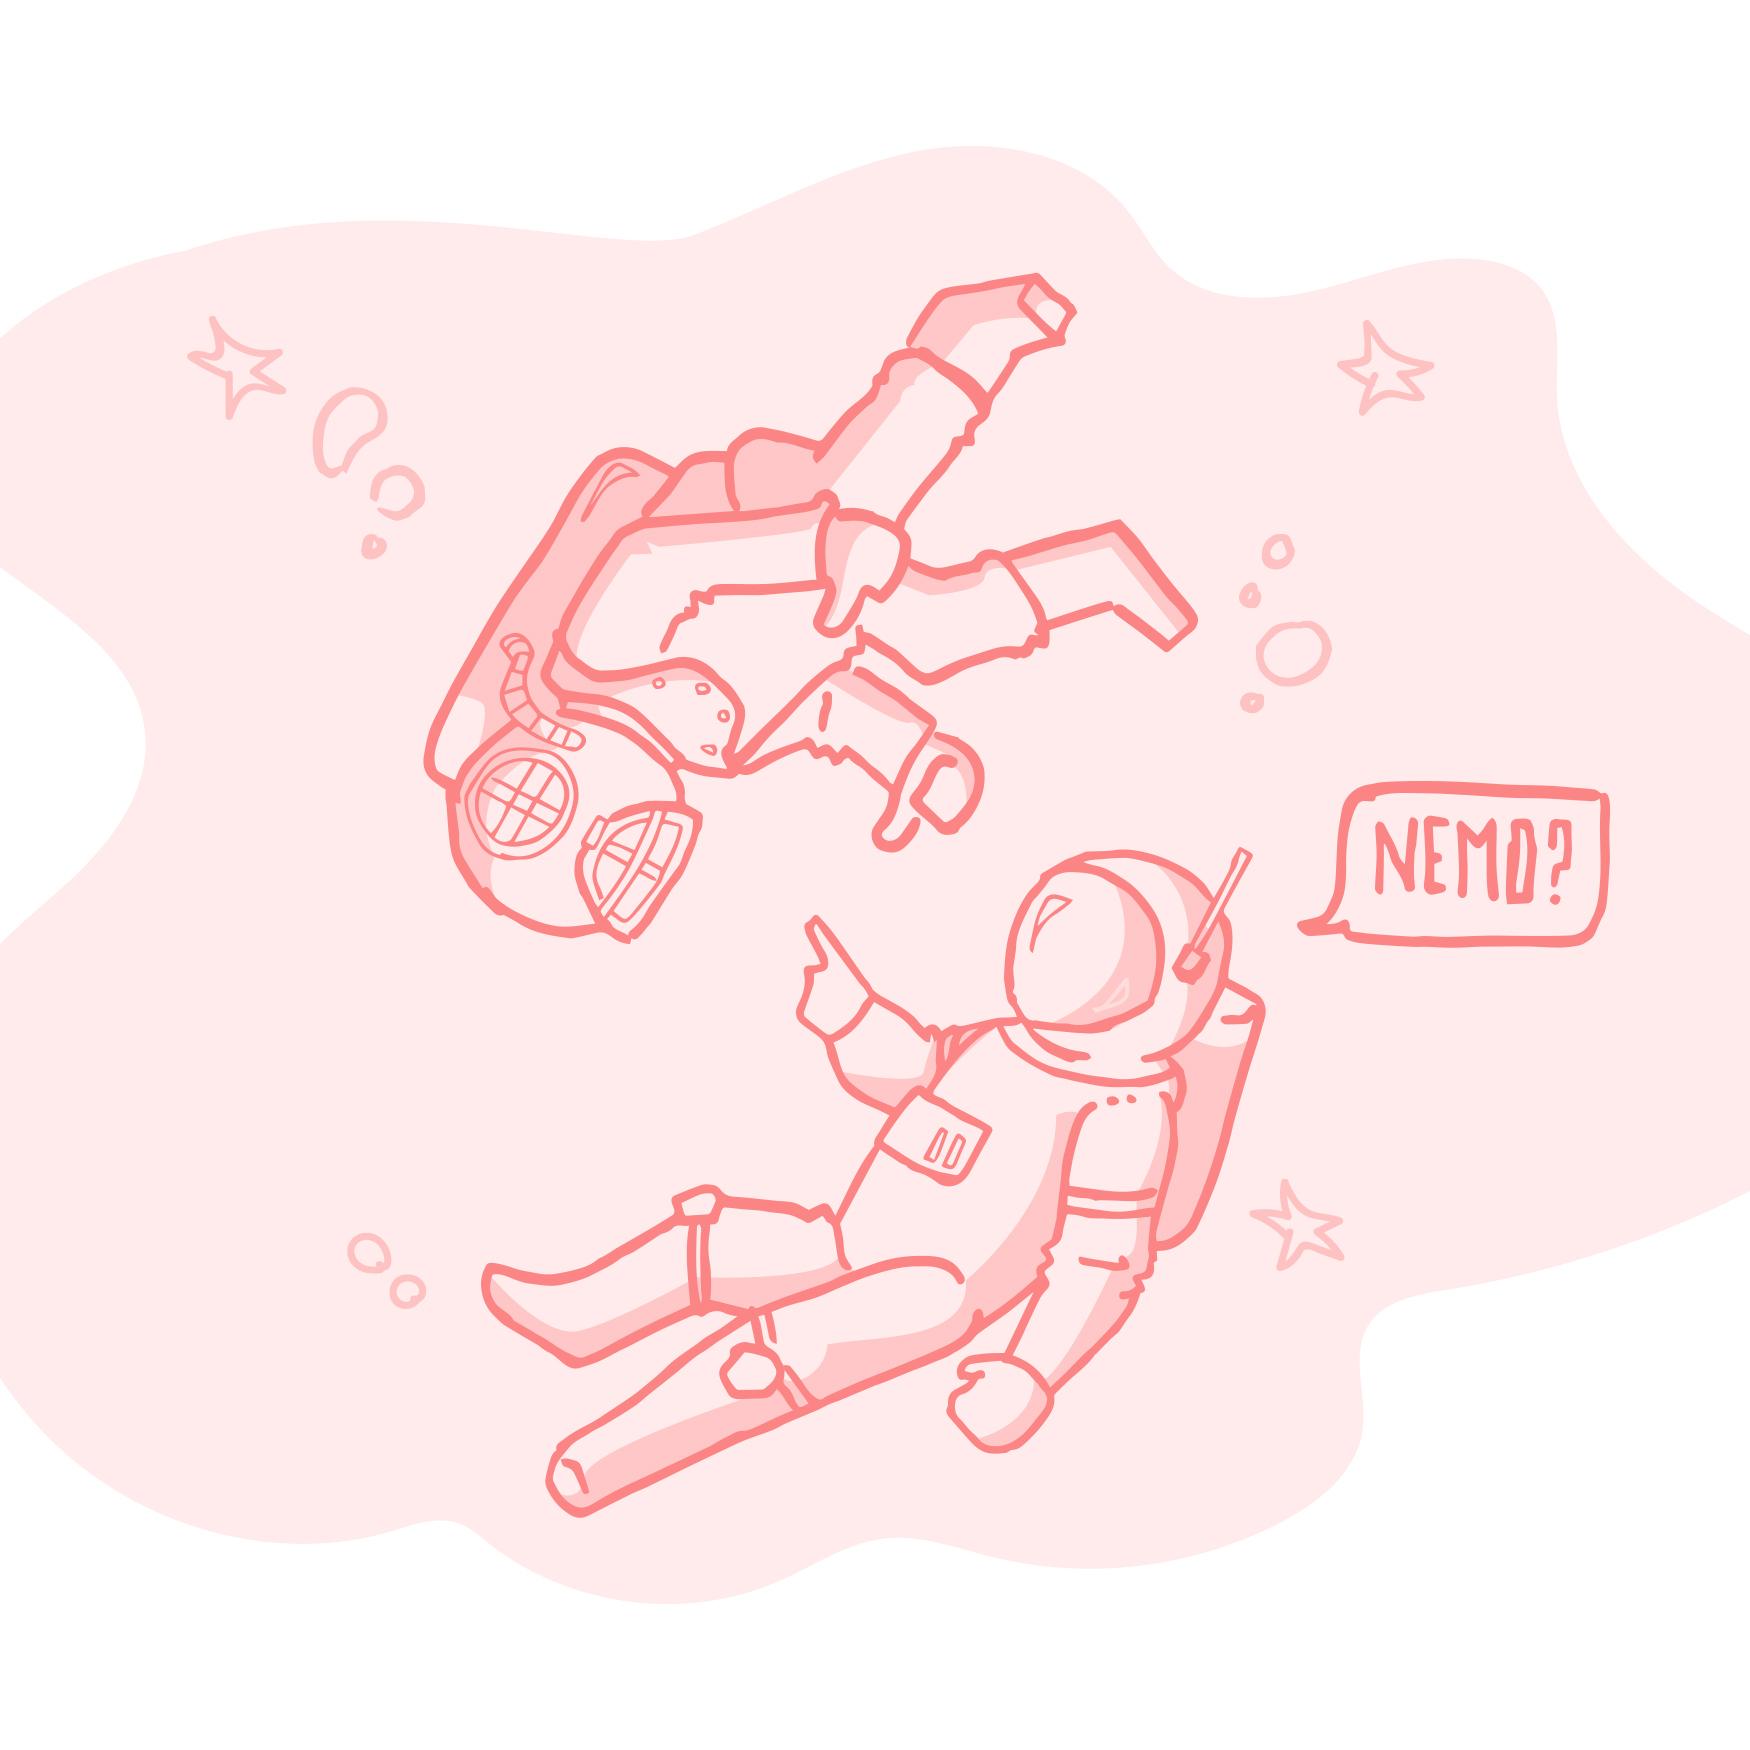 Nemo Doodle.jpg